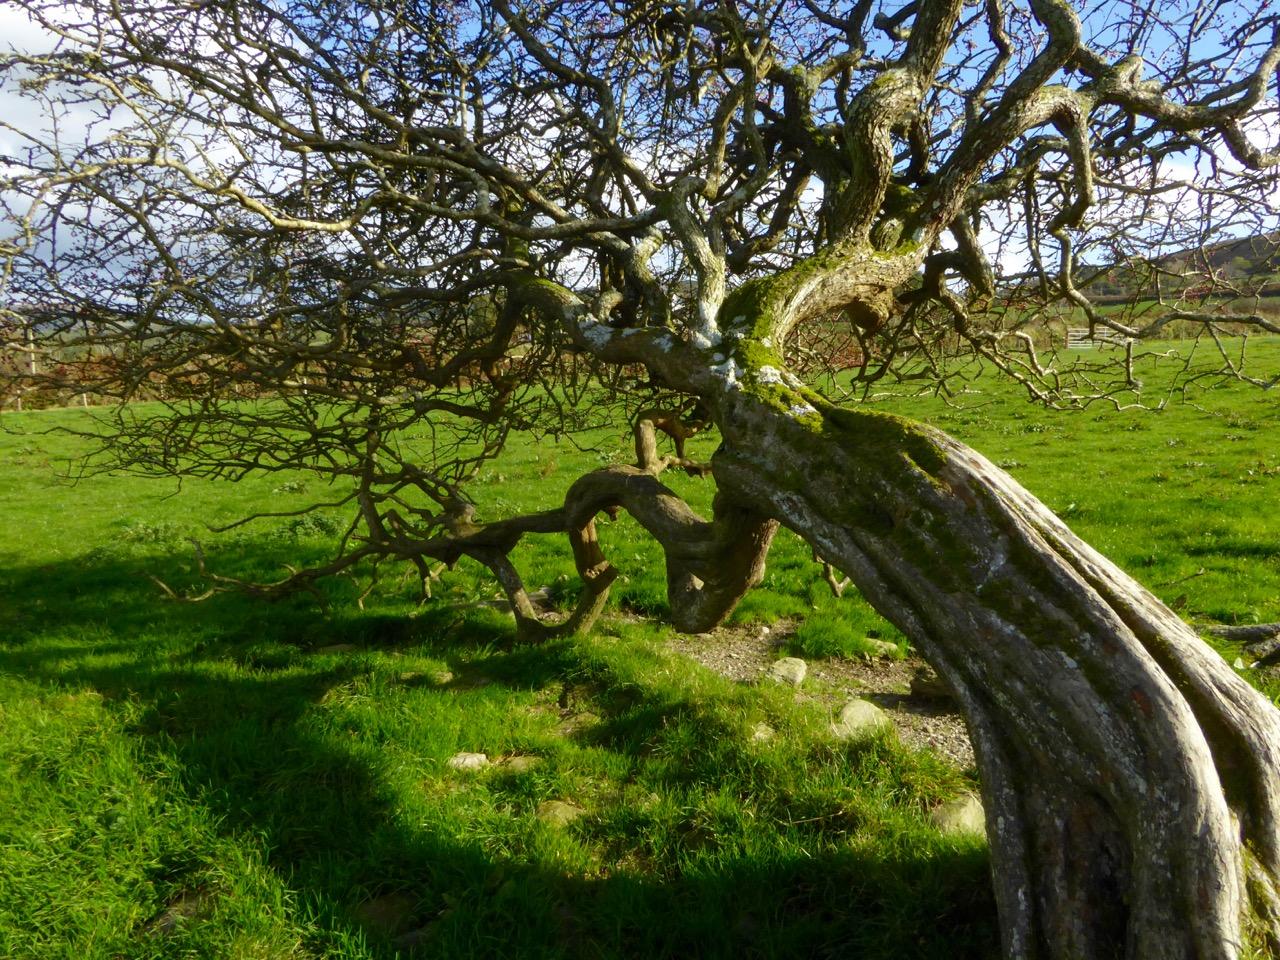 Blackthorn Tree